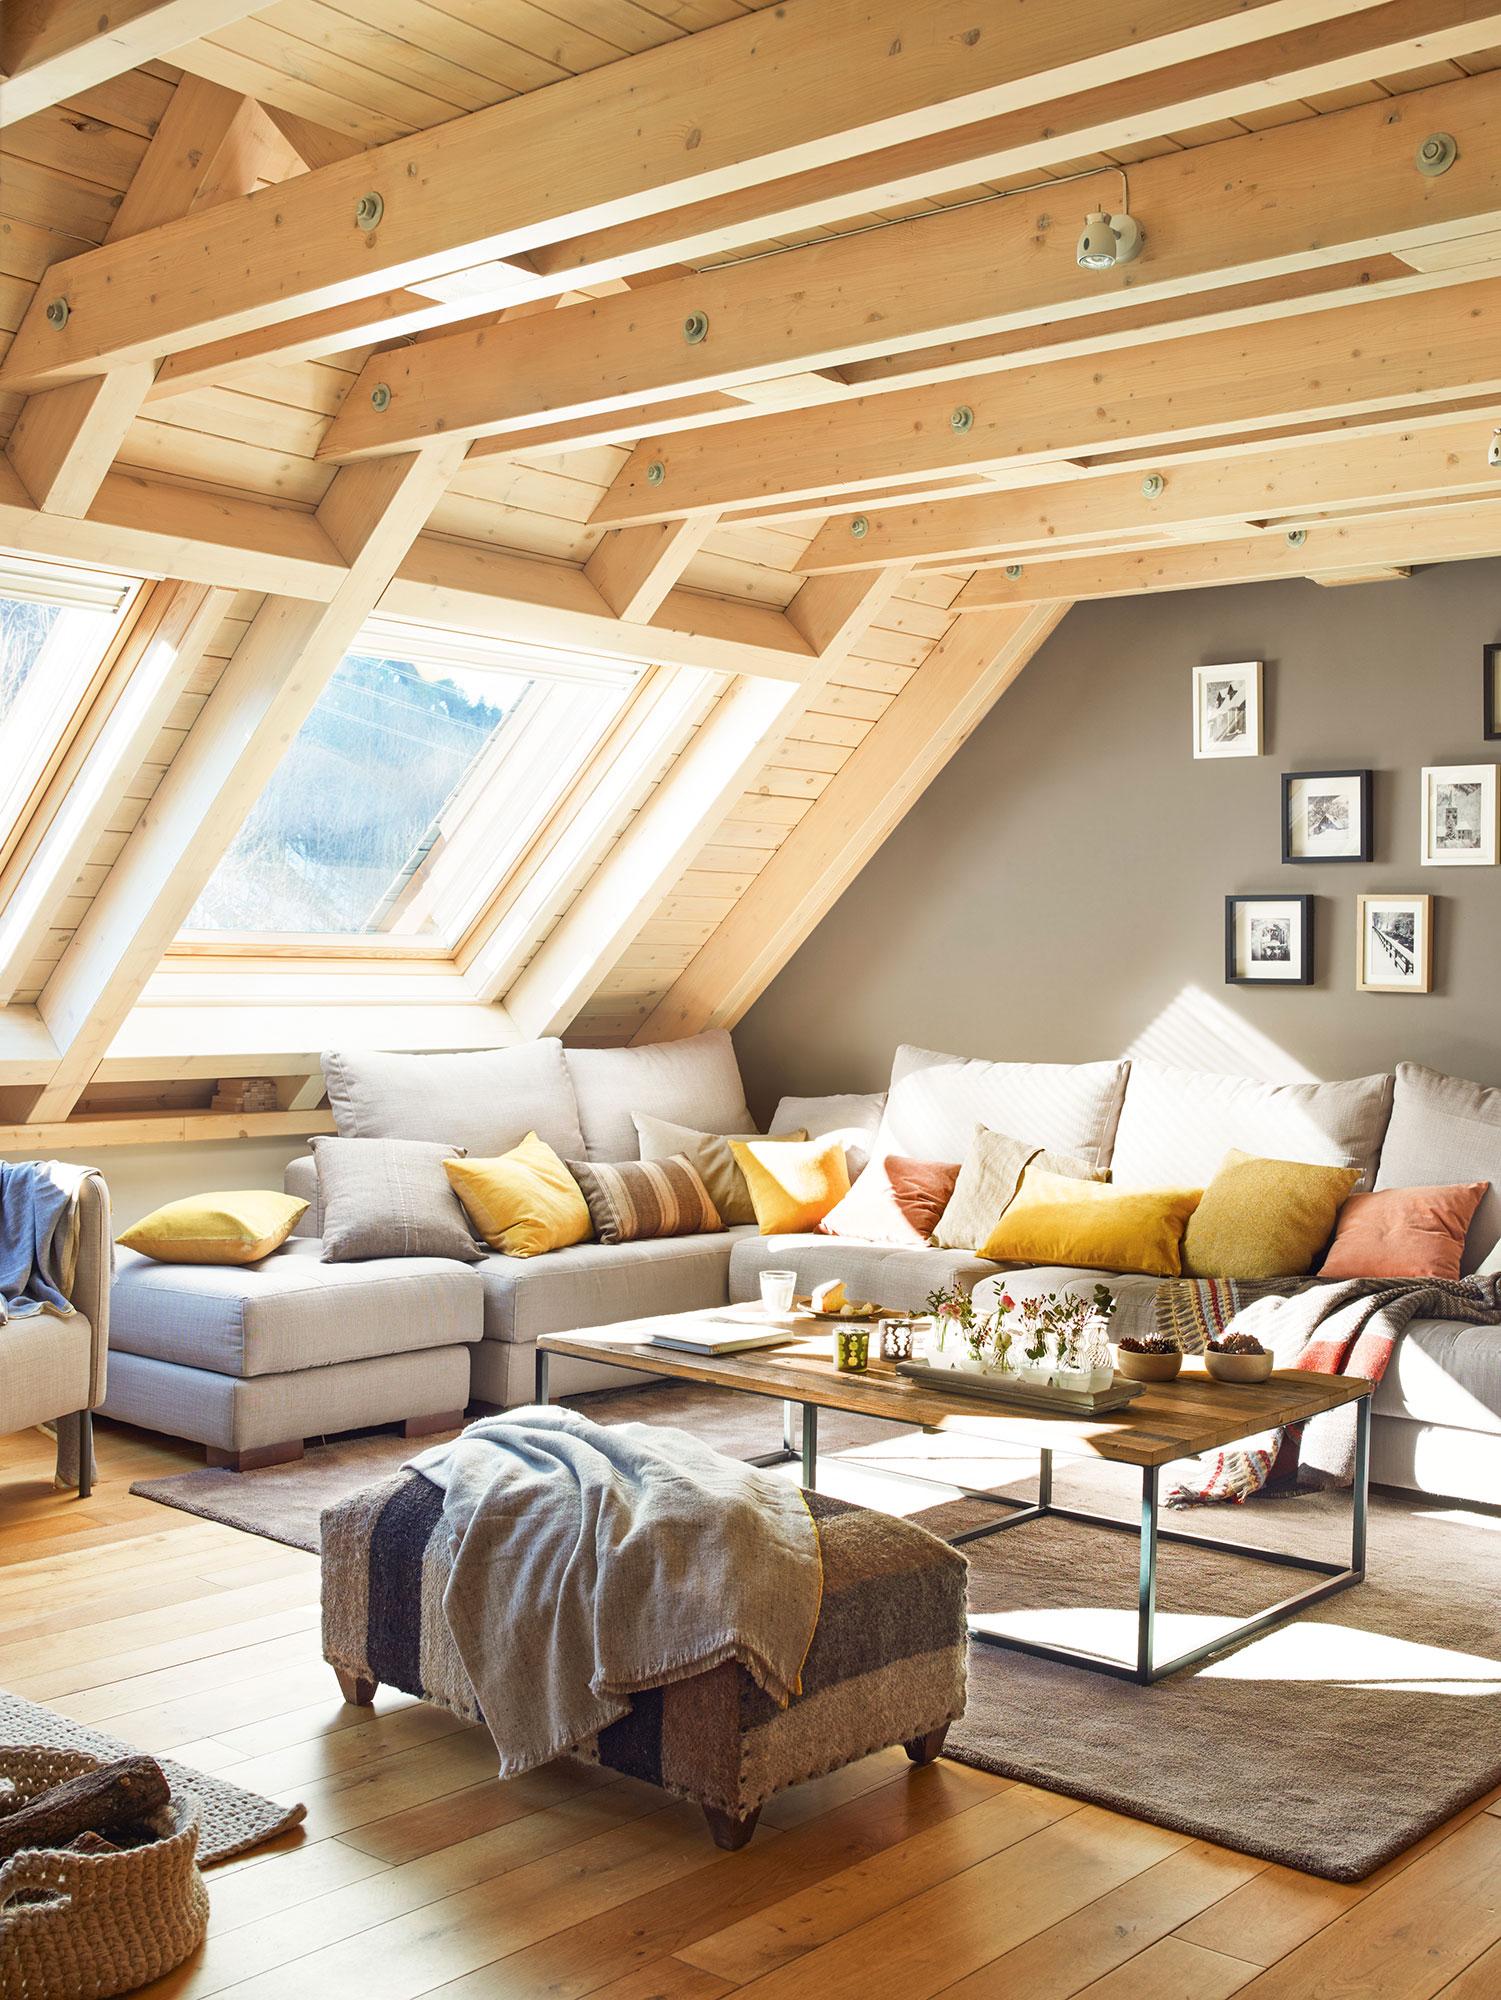 Exclusivo Silla Dormitorio Colección De Silla Idea